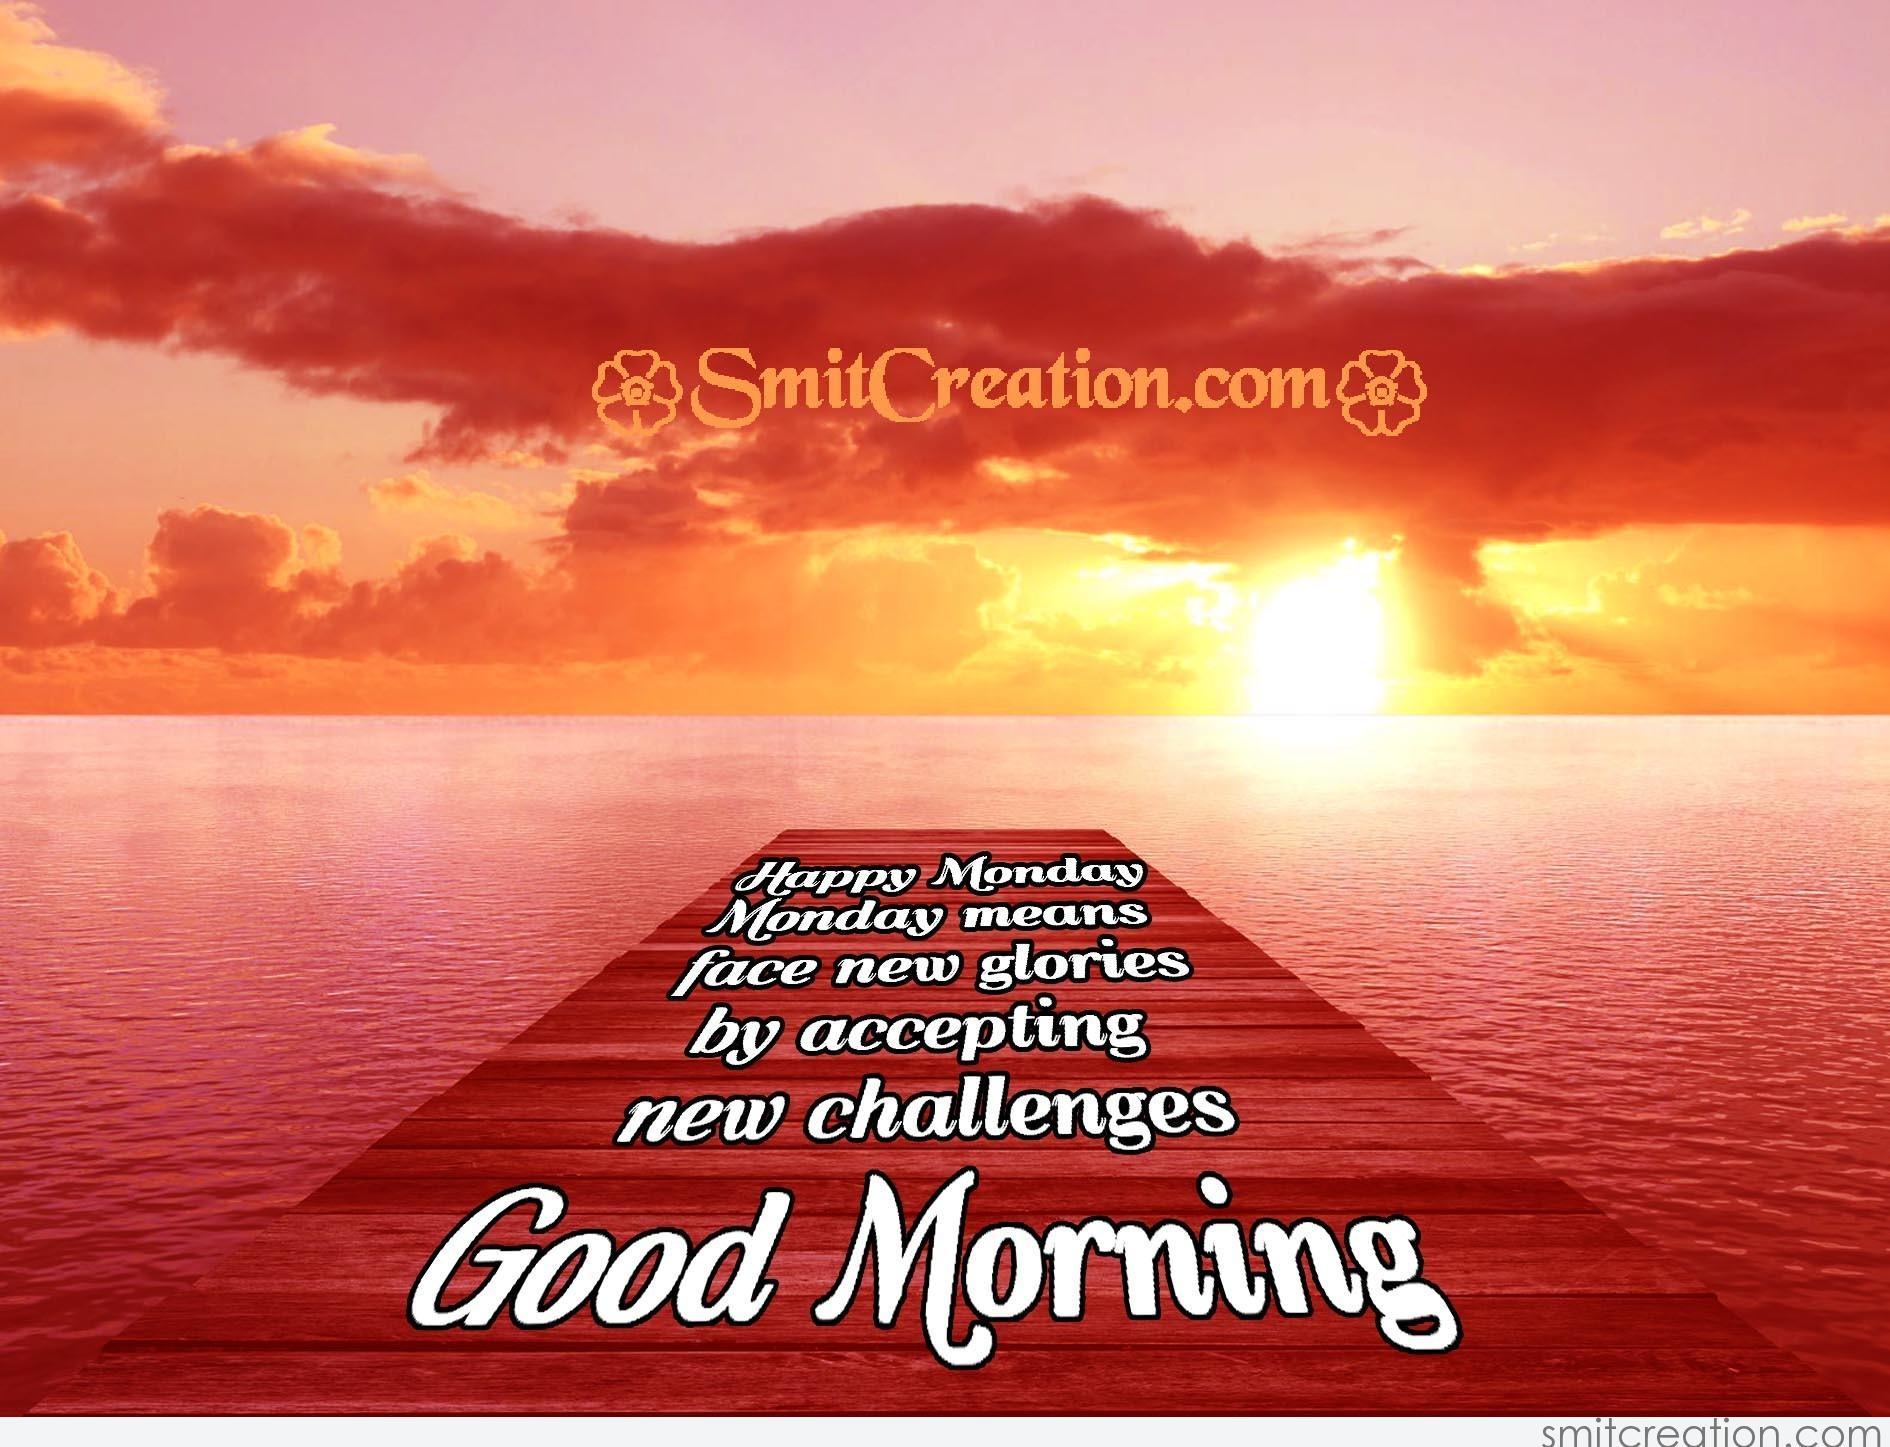 happy monday good morning   smitcreation